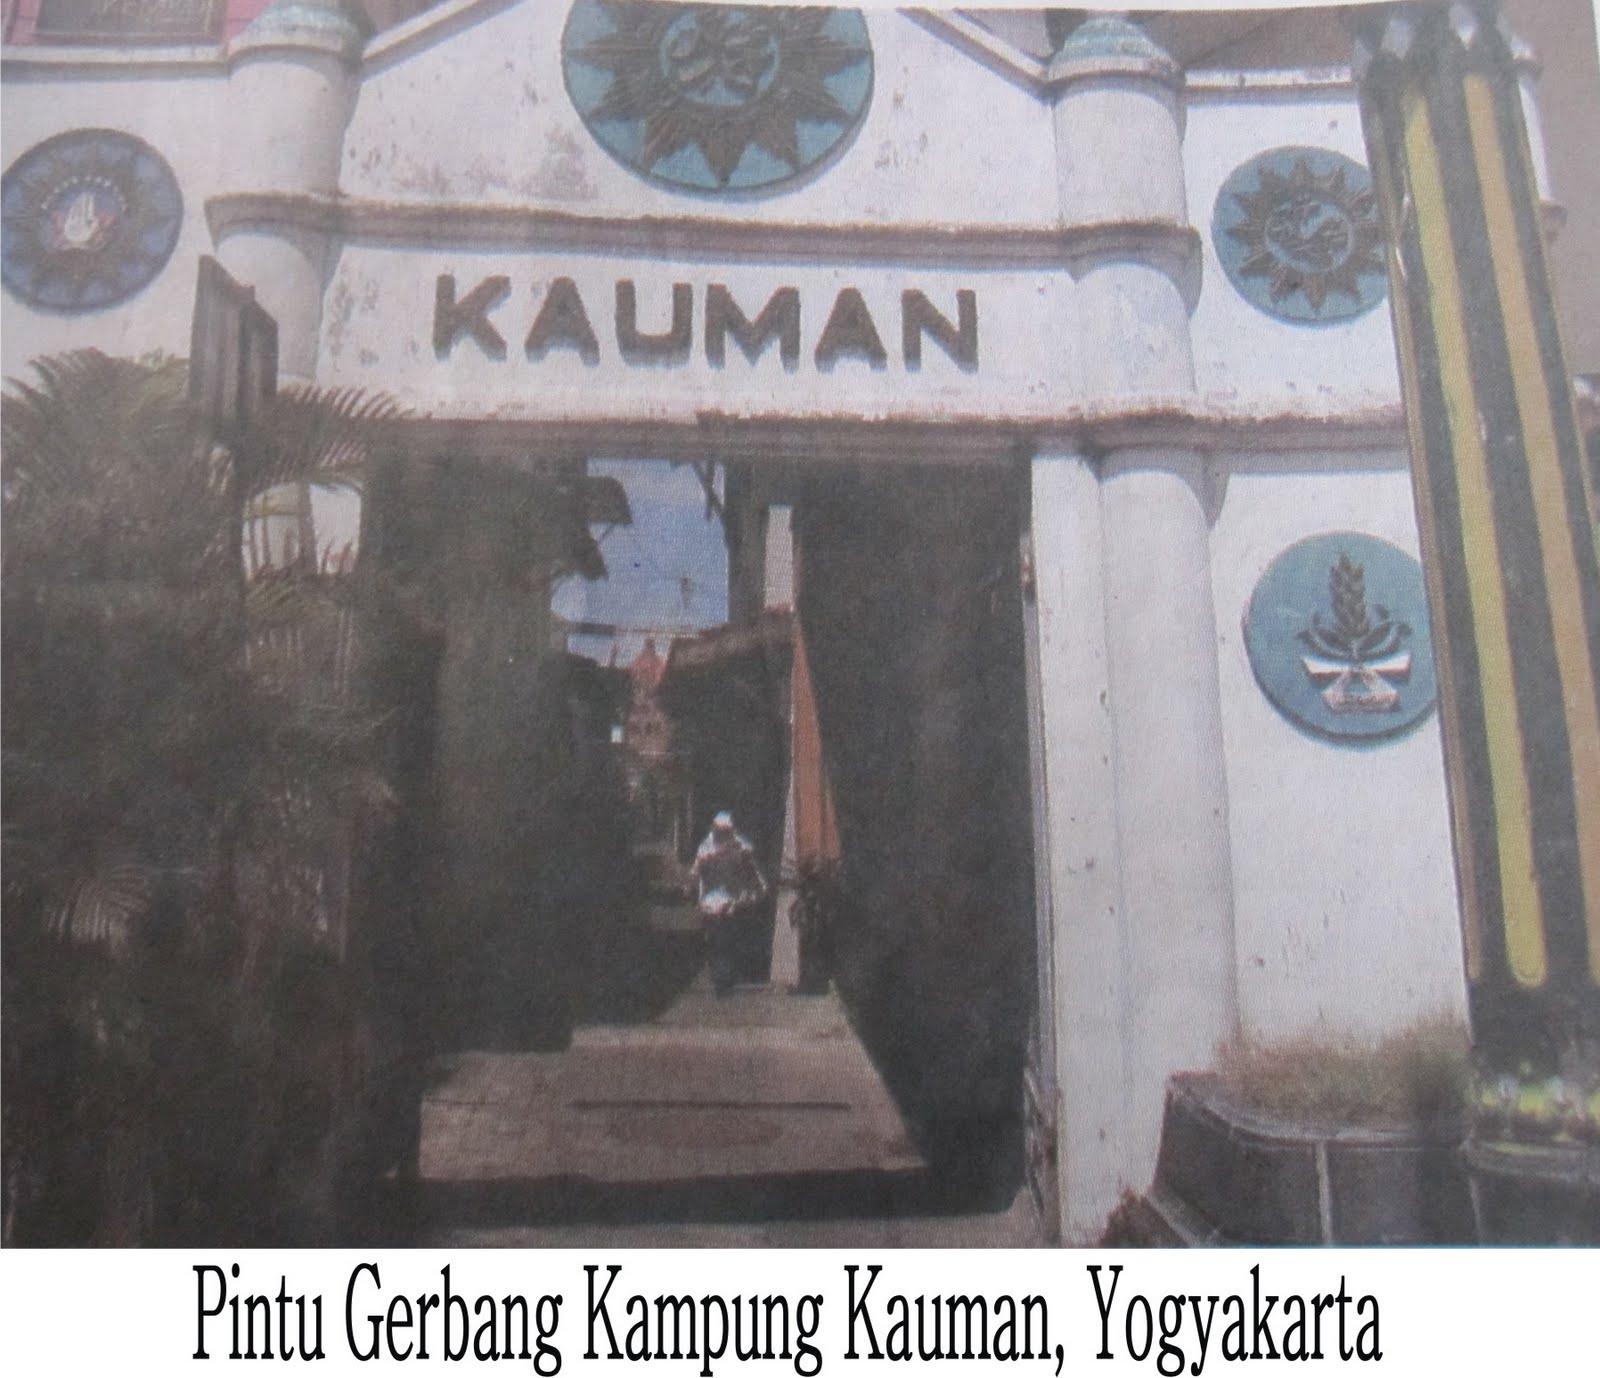 Foto yang diambil dari sebuah koran atau buku ini menggambarkan gerbang Kampung Kauman. Terlihat lambang Muhammadiyah di atas gerbang. Selain penghasil batik, Kampung Kauman tempat tumbuhnya ajaran Muhammadiyah